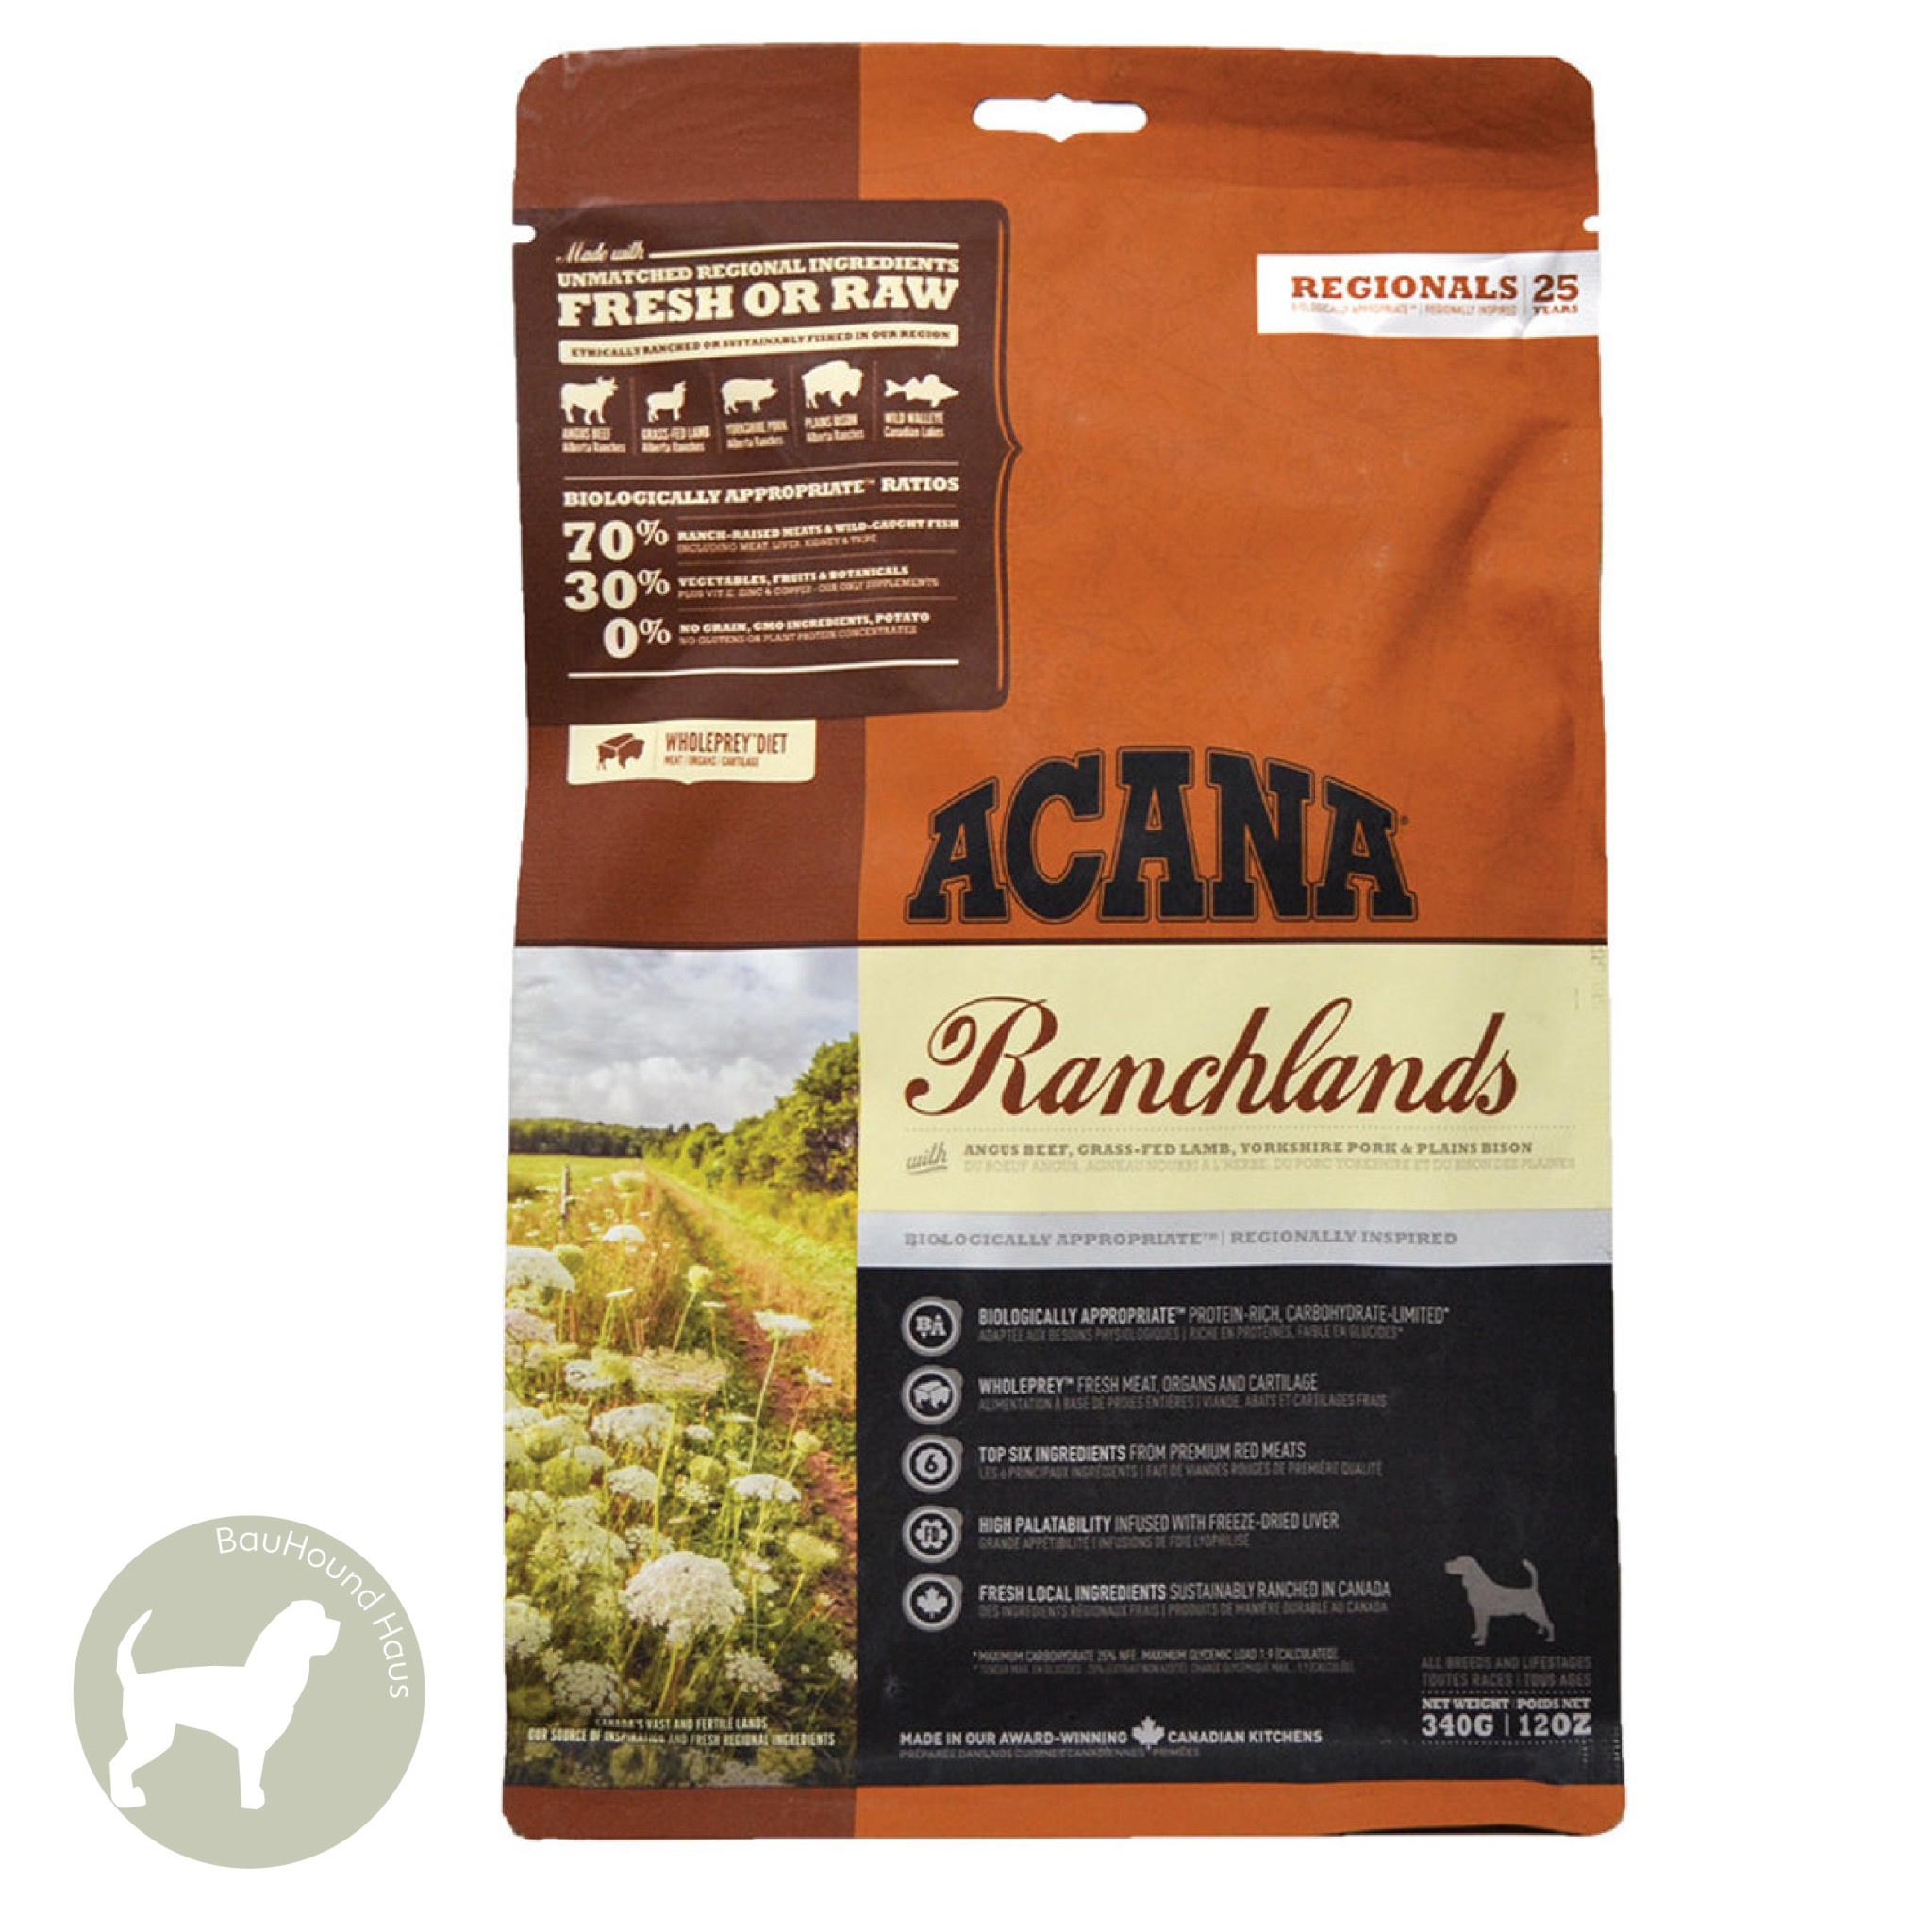 Acana Acana REGIONALS Ranchlands Kibble, 2kg